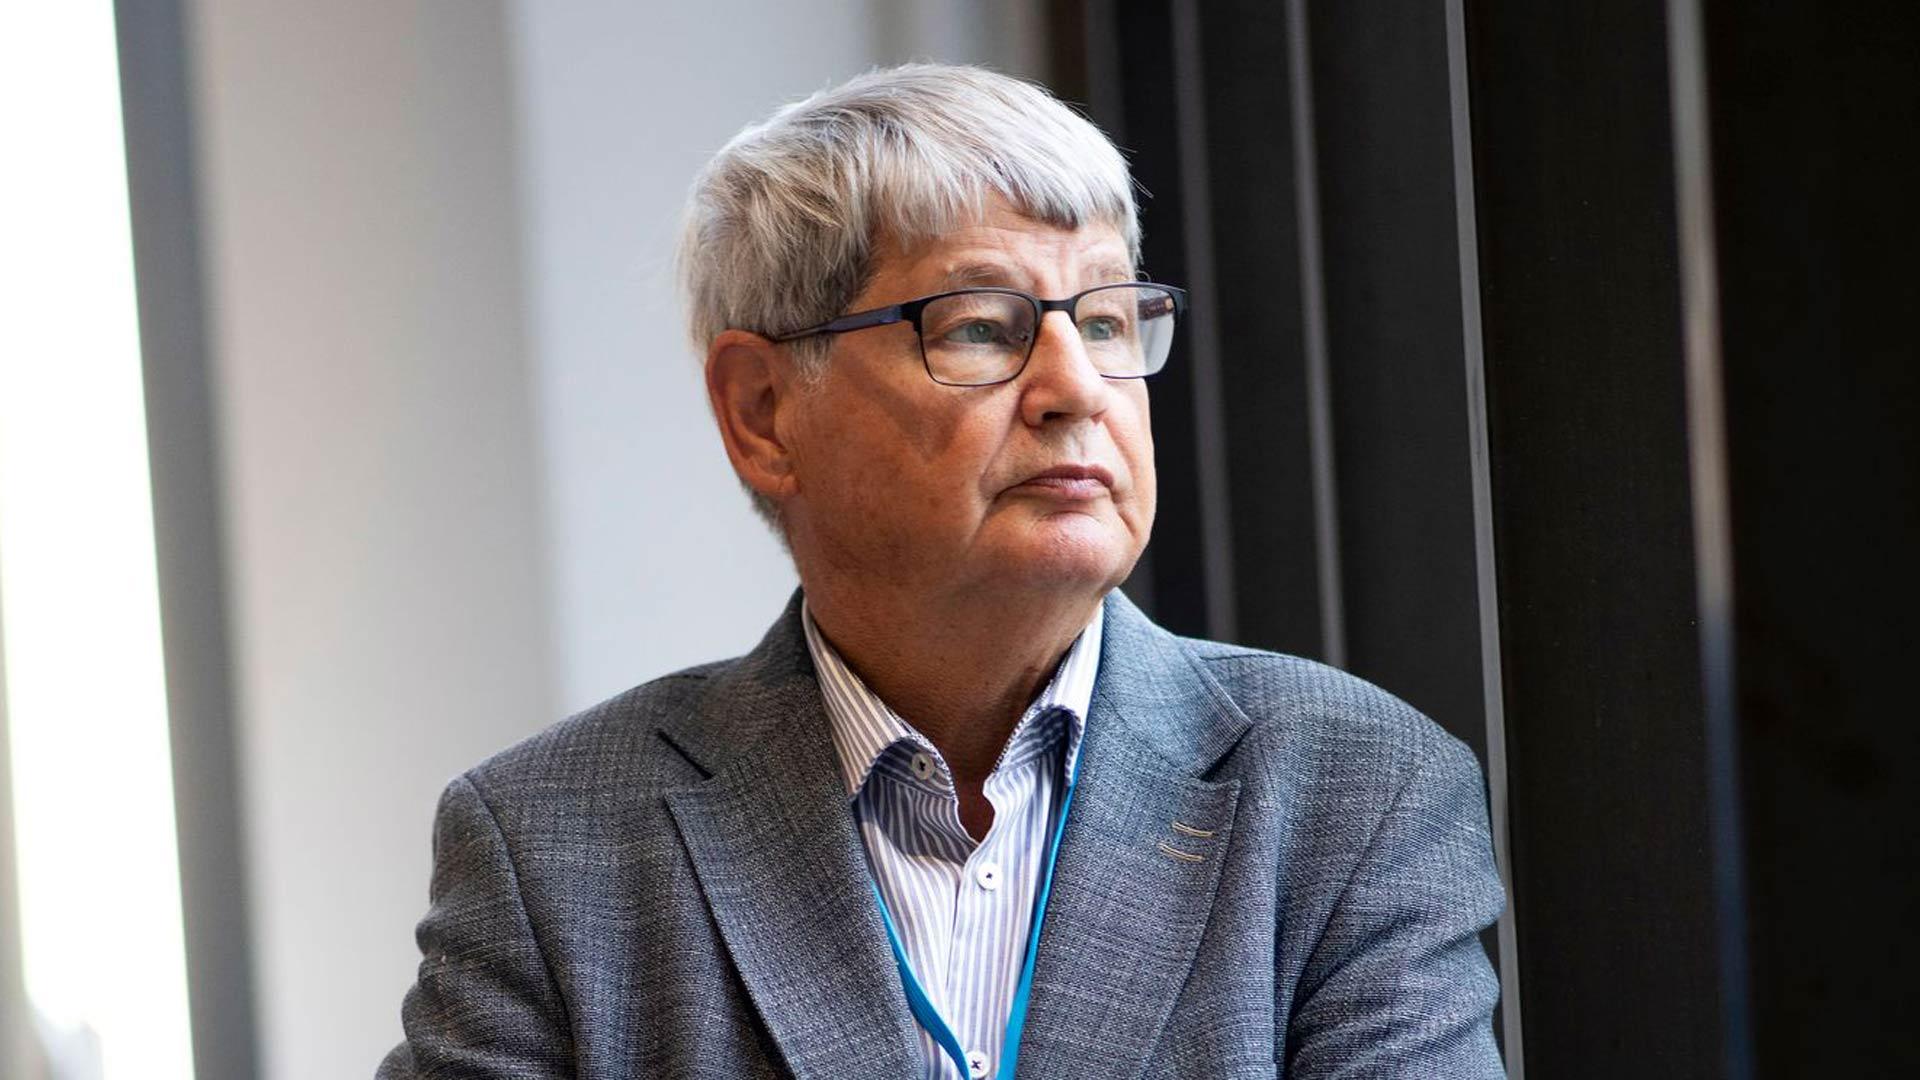 Ilmaston lämpeneminen johtuu pilvipeitteen muutoksista, väittää Turun yliopiston fysiikan emeritusprofessori Jyrki Kauppinen.